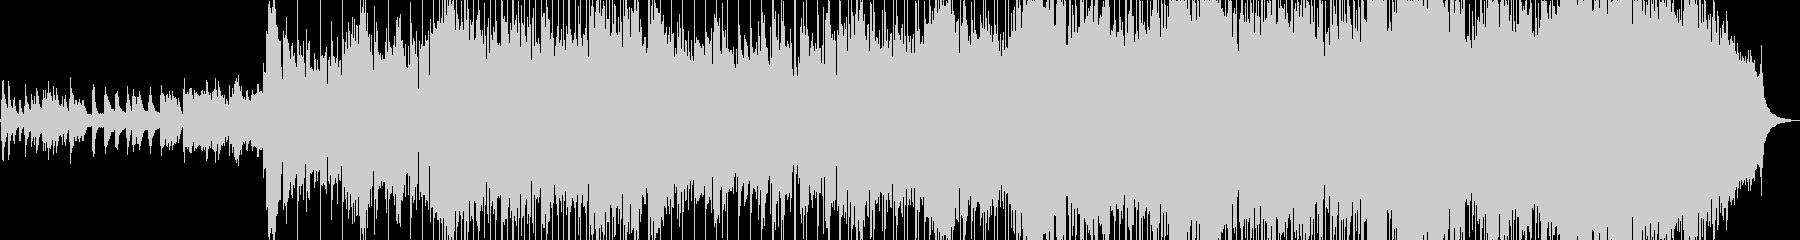 きらきらしたオーケストラ風のBGM2の未再生の波形